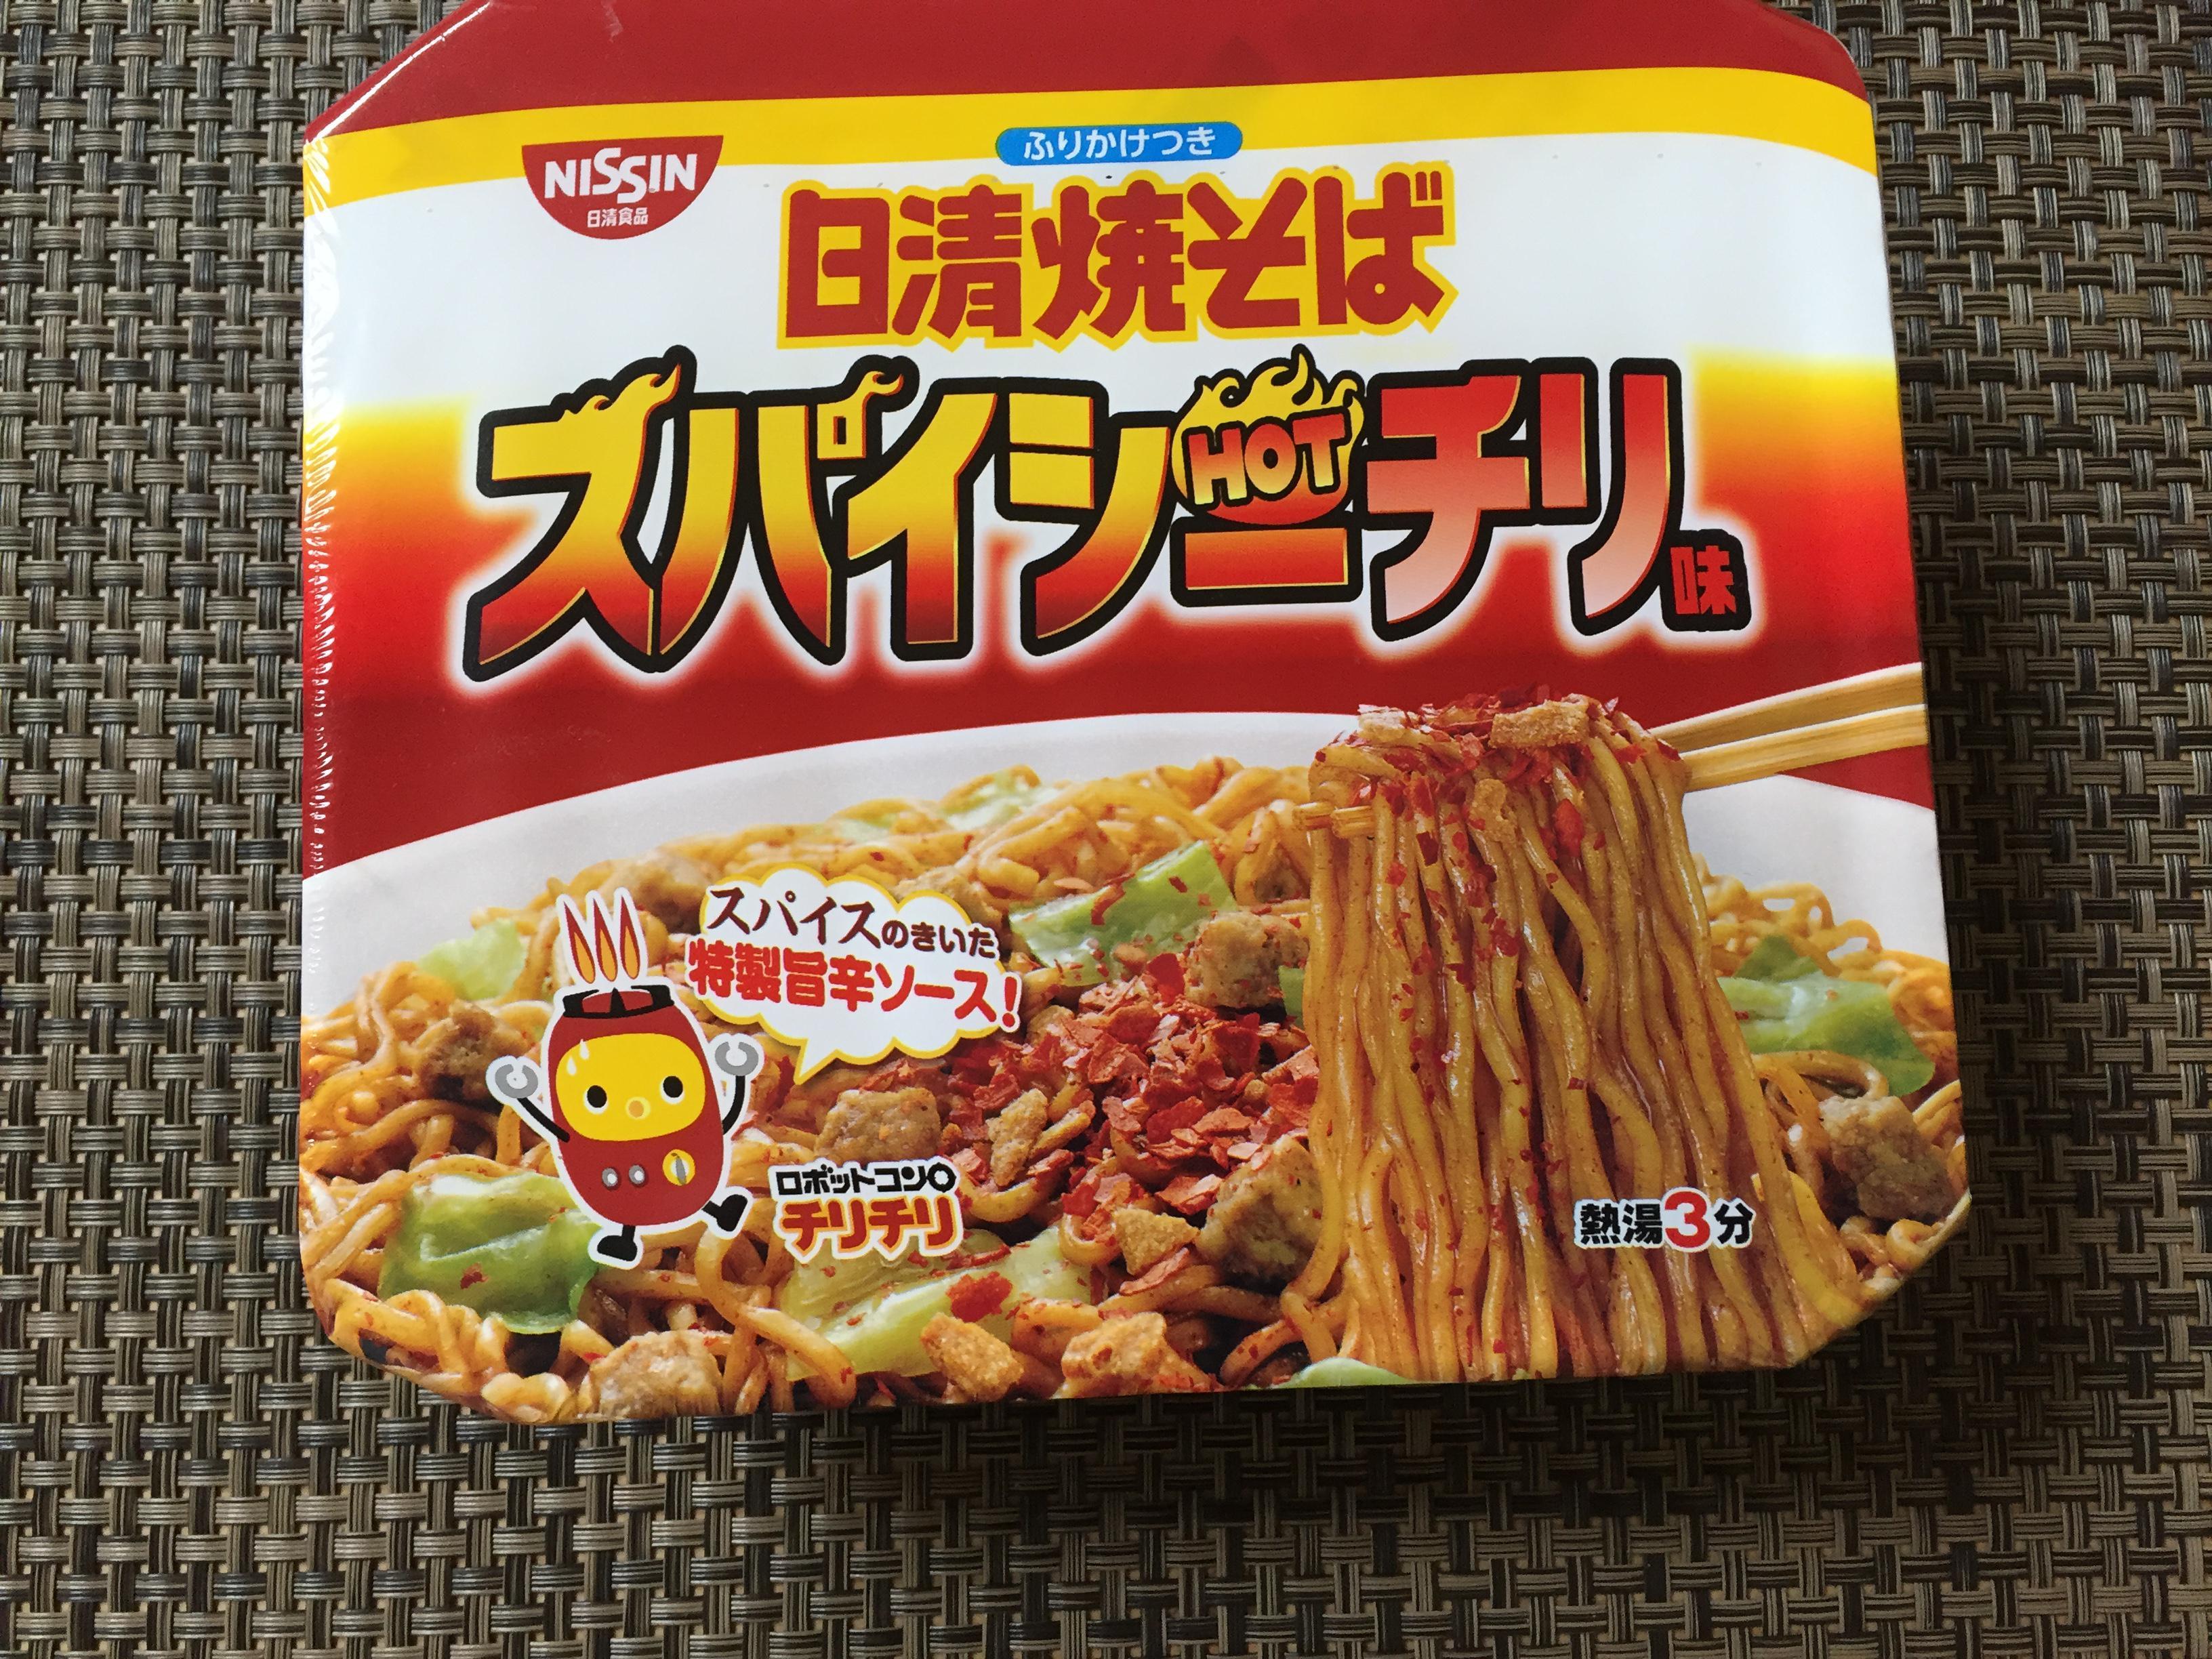 [닛신]日清焼そば スパイシーホットチリ味(닛..